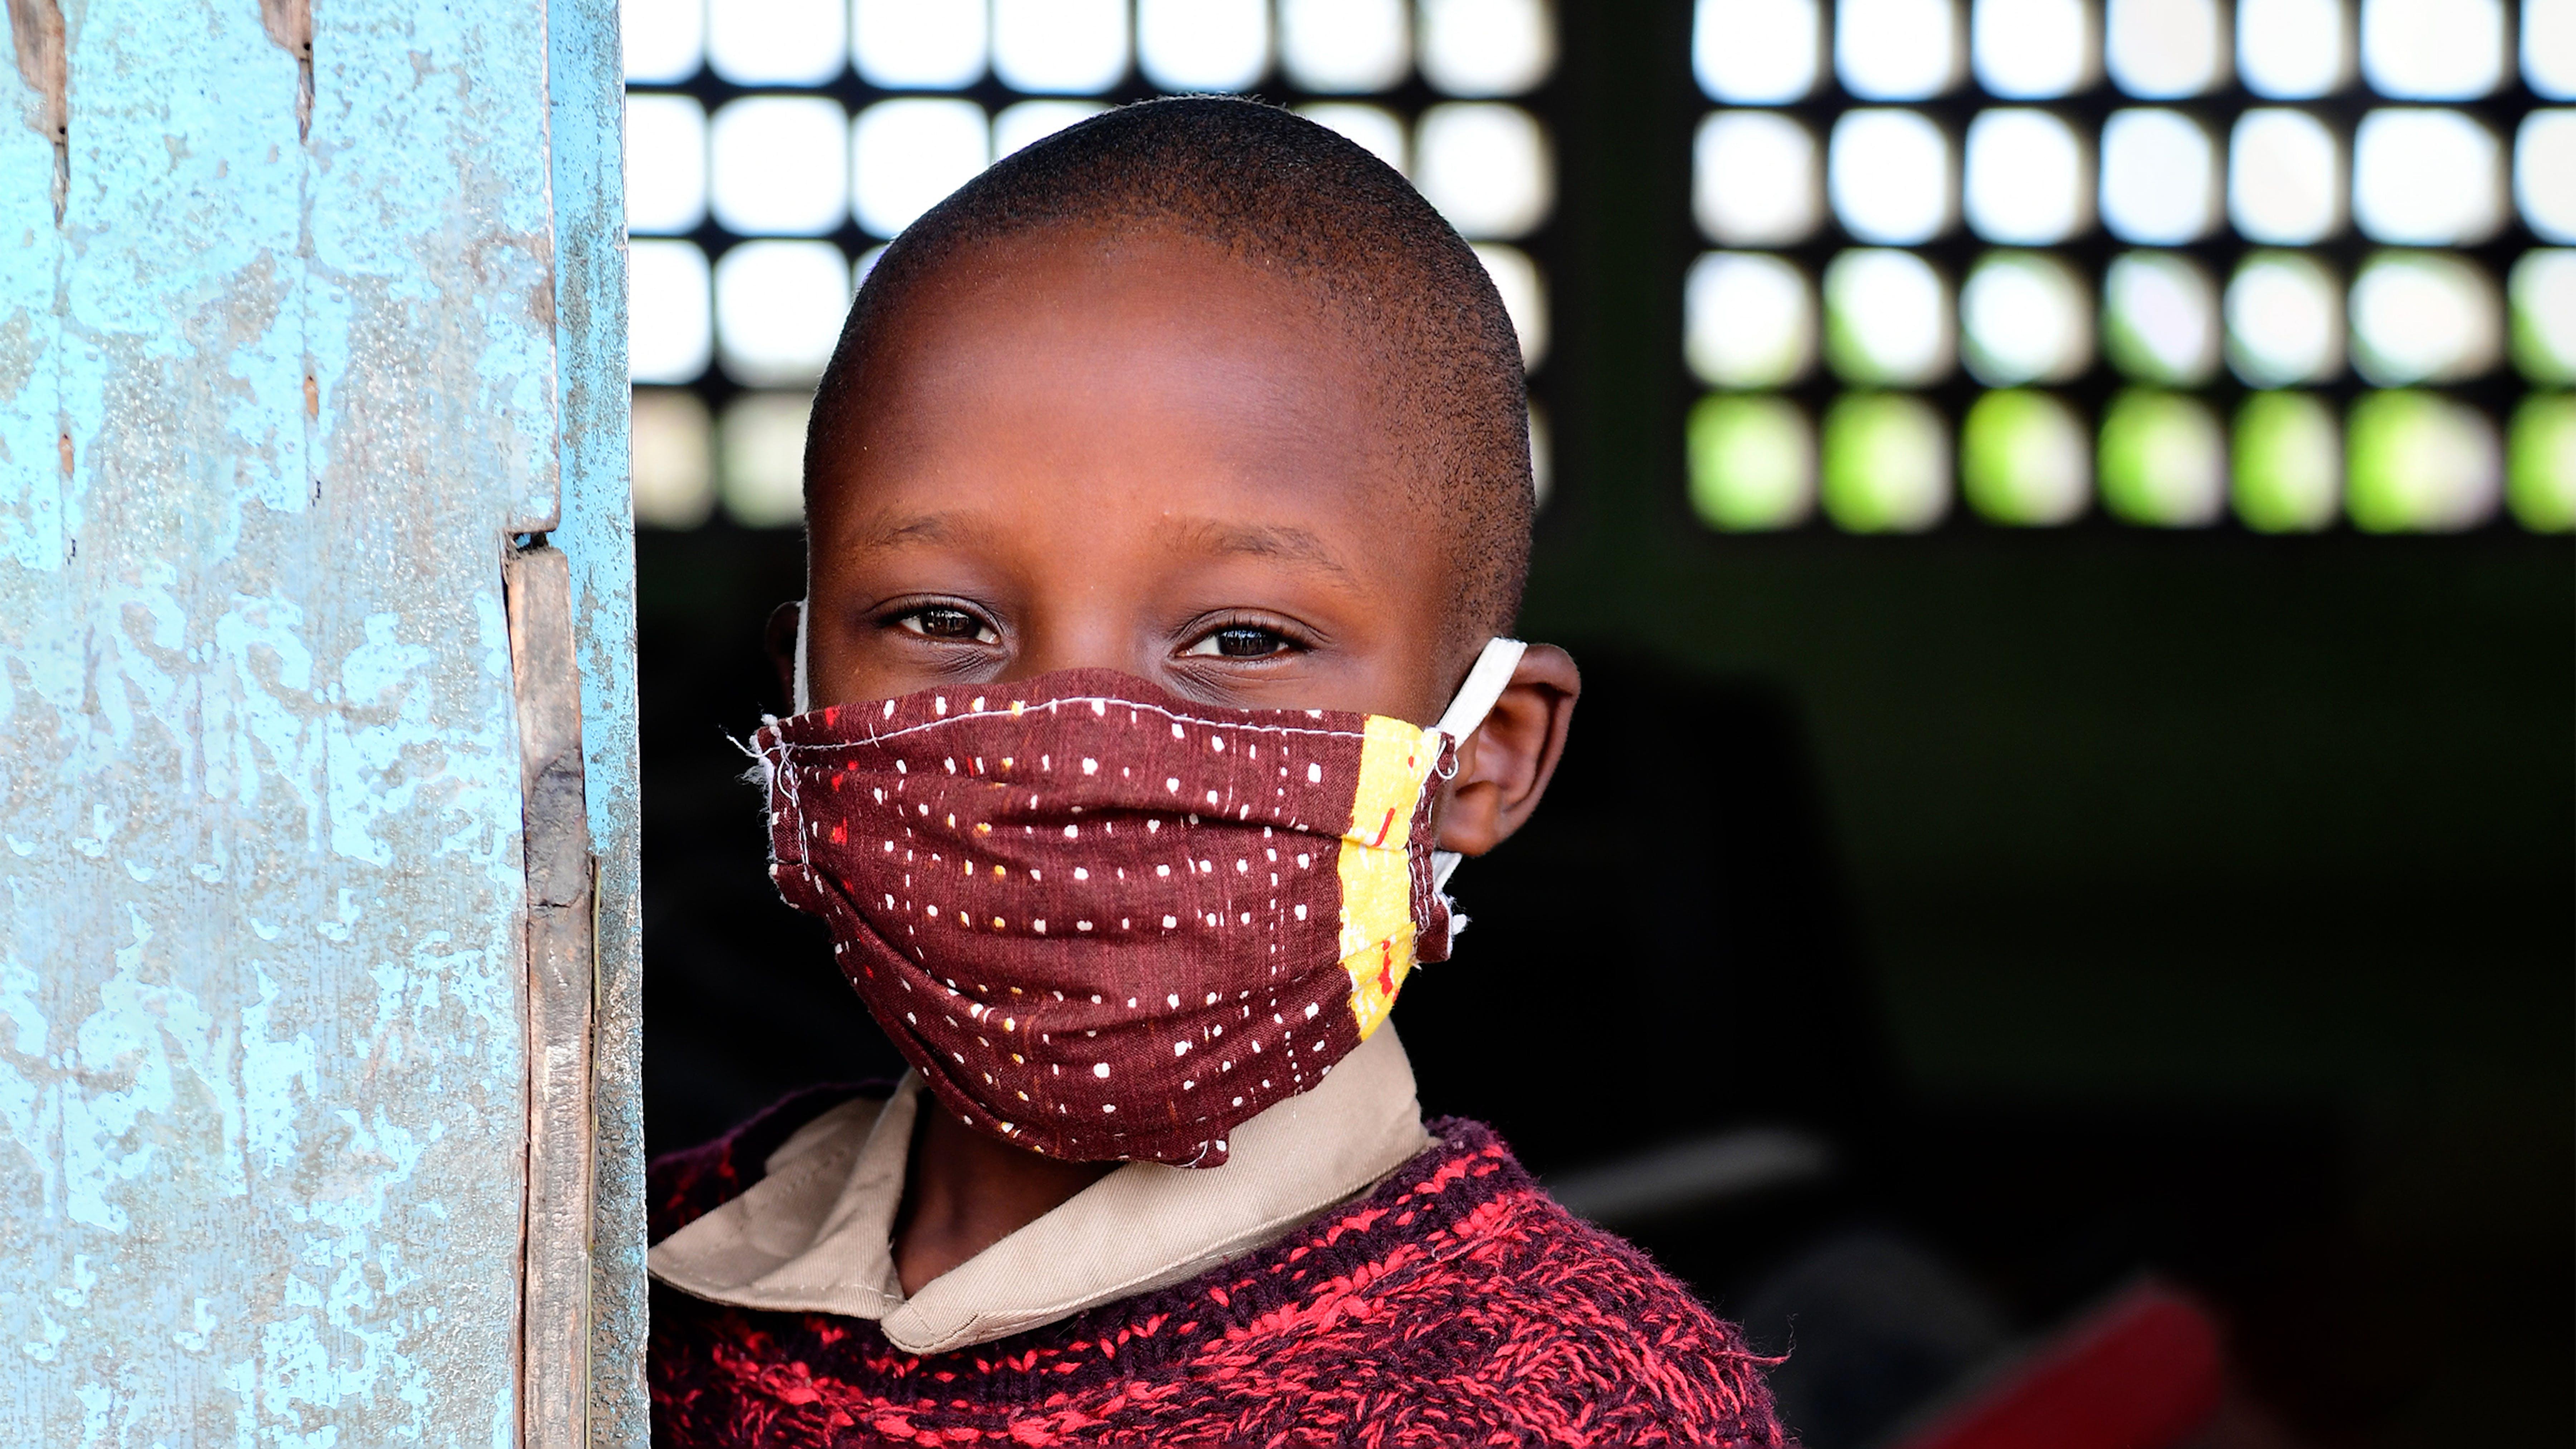 Un bambino che indossa una maschera per proteggersi dal COVID-19, a Youpougon, un sobborgo di Abidjan, nel sud della Costa d'Avorio.